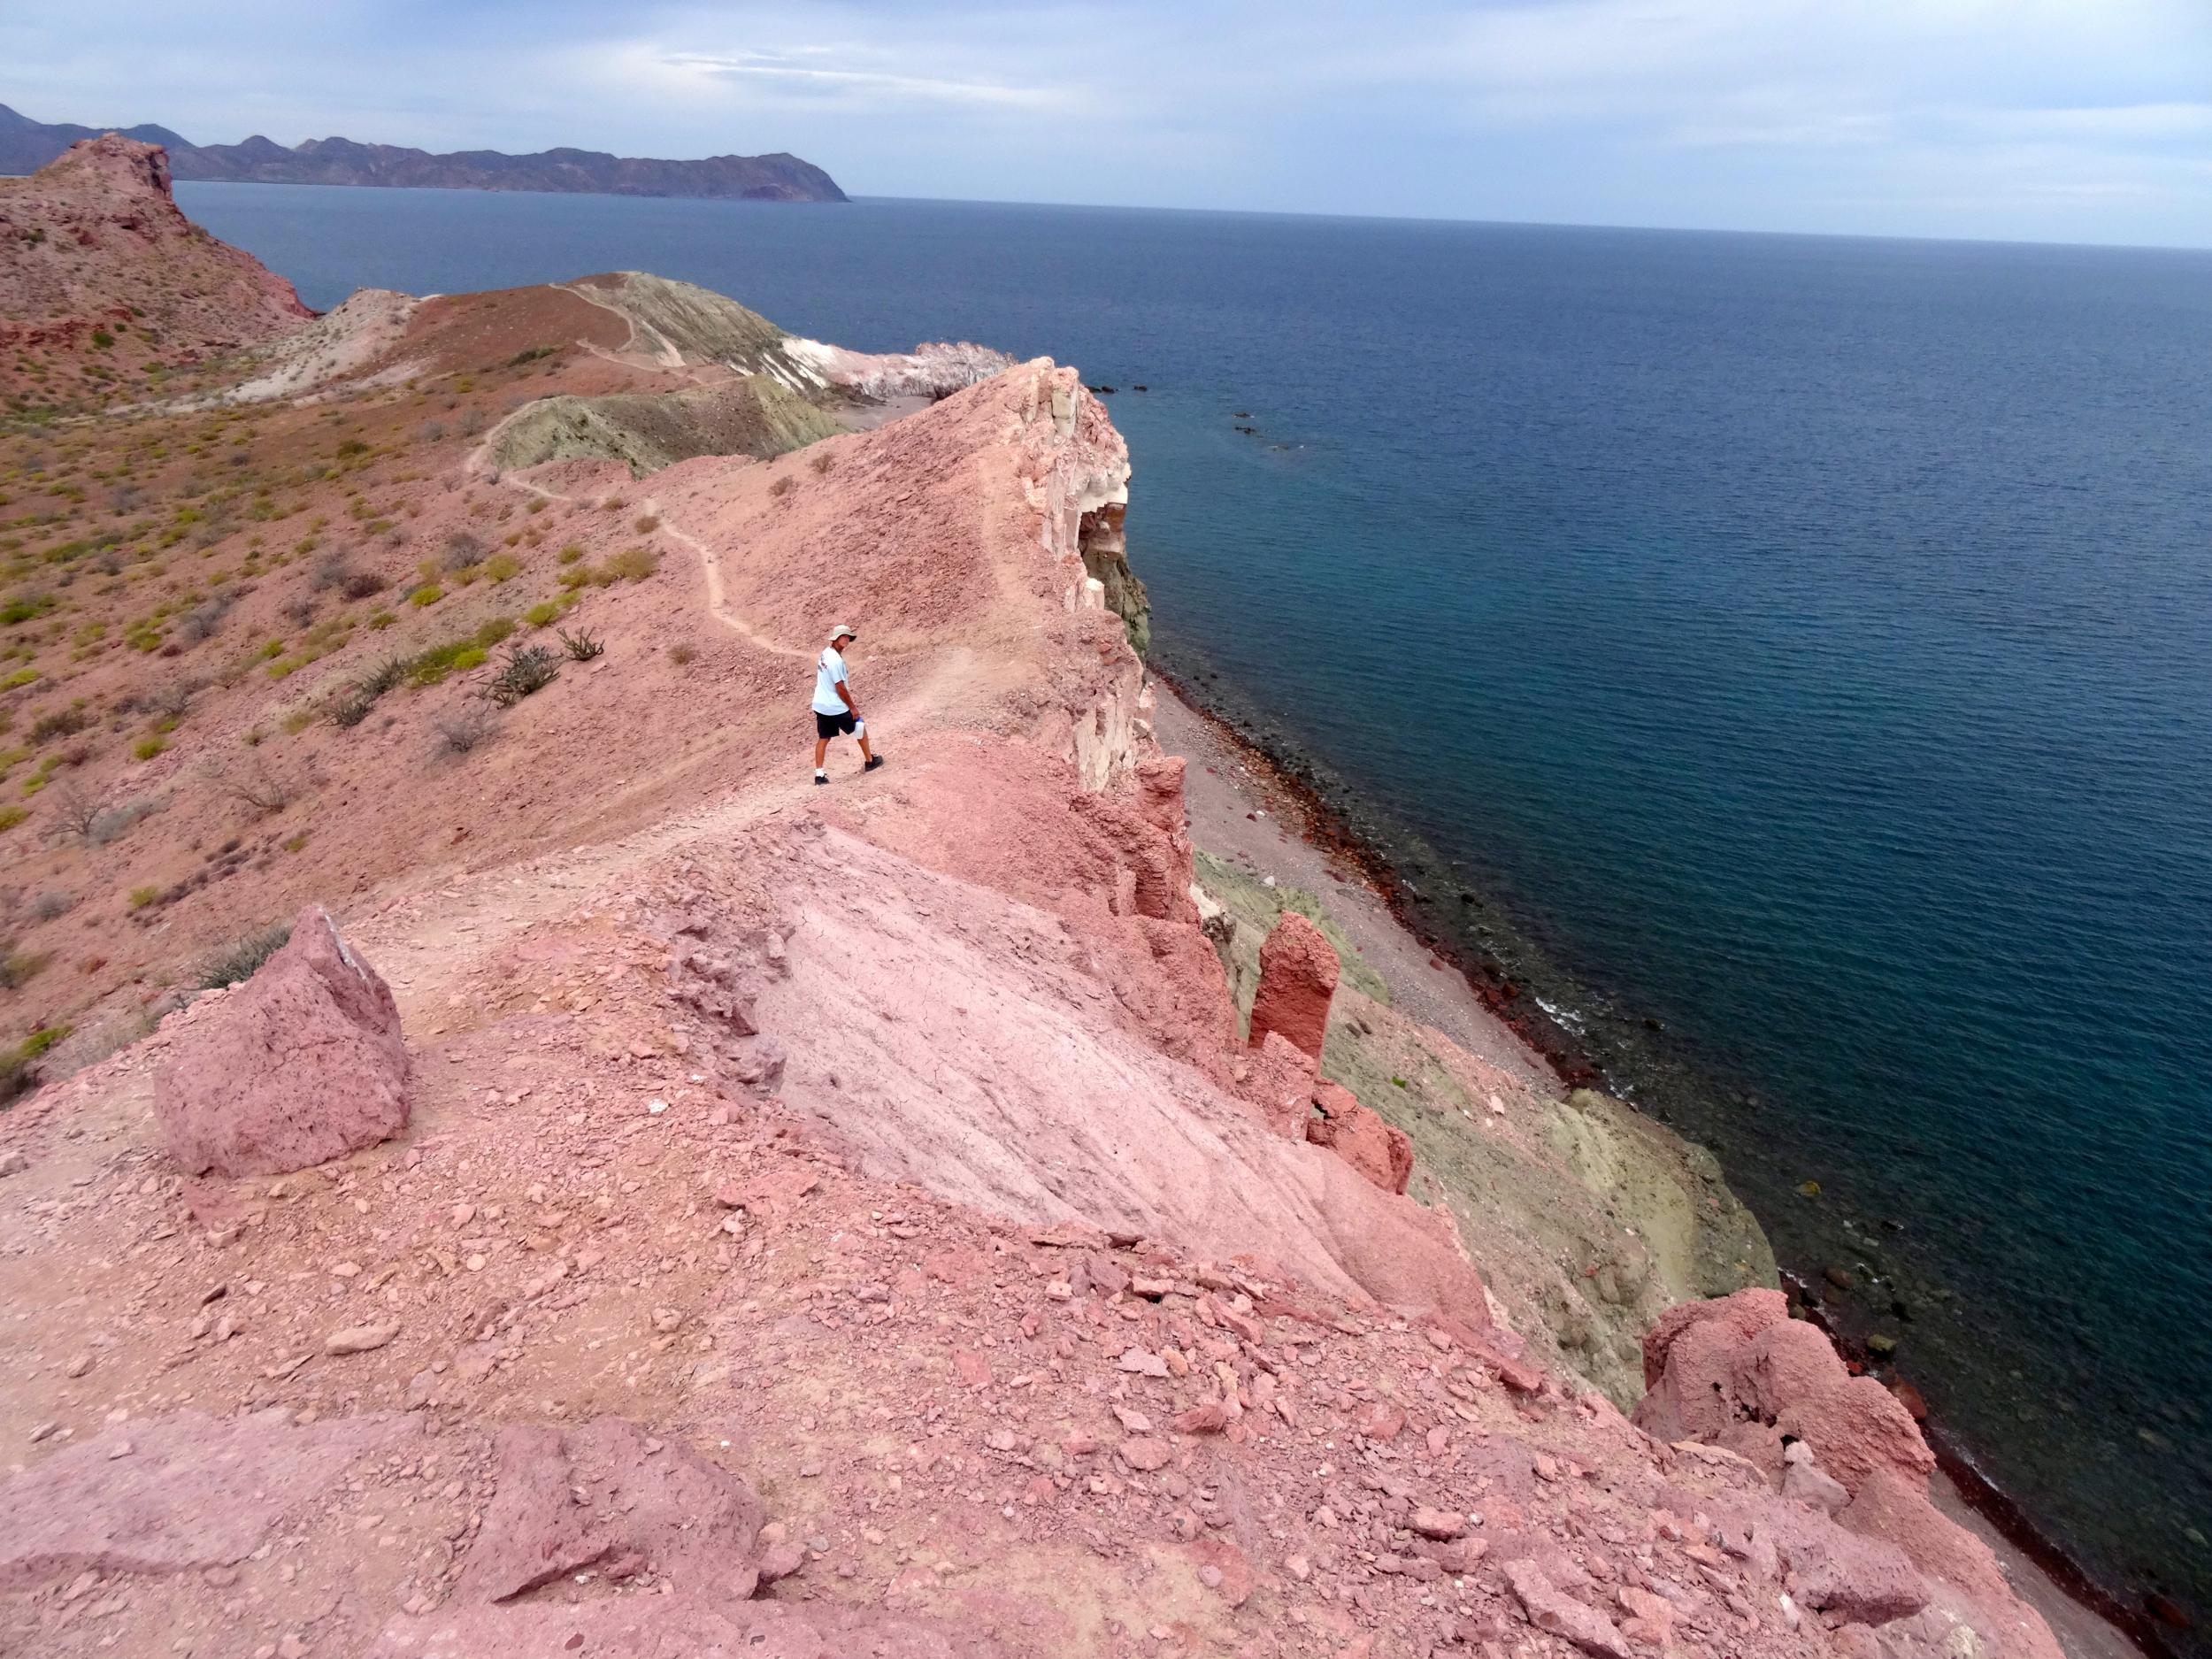 16. We hiked along the ridge at Isla SF